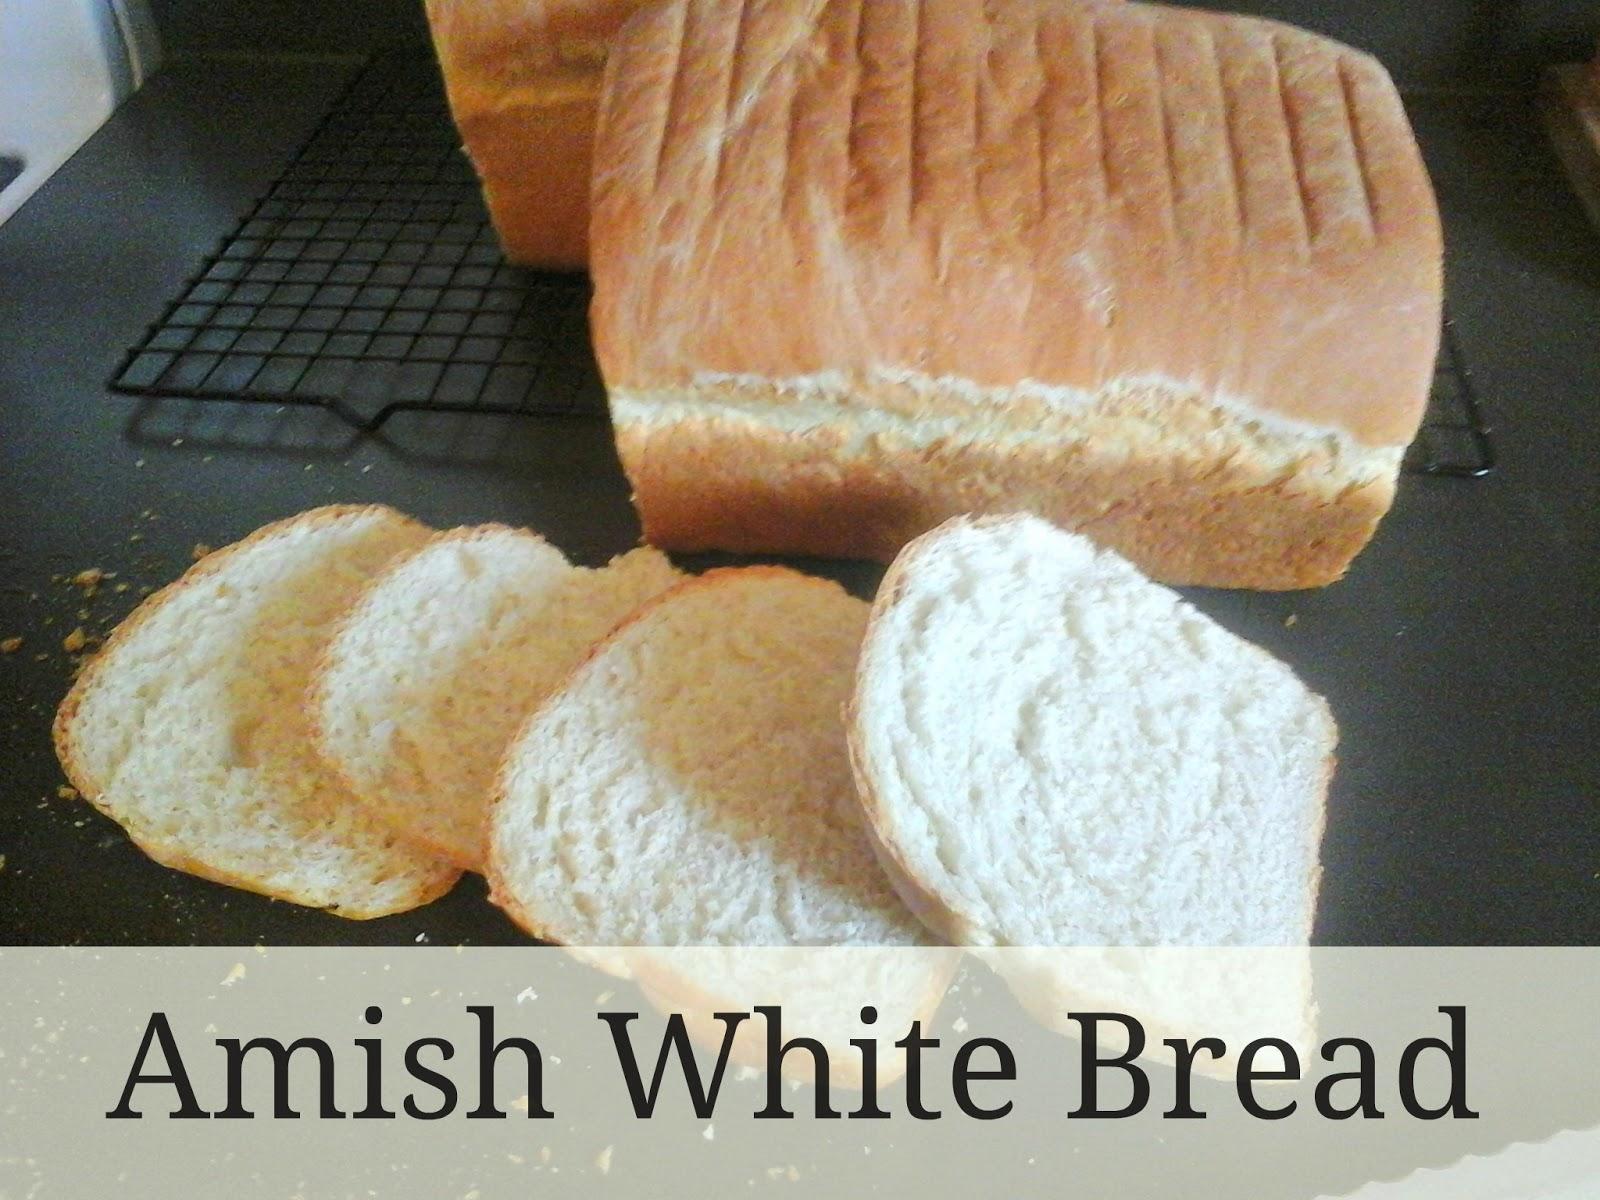 KitchenBoredum: Amish White Bread